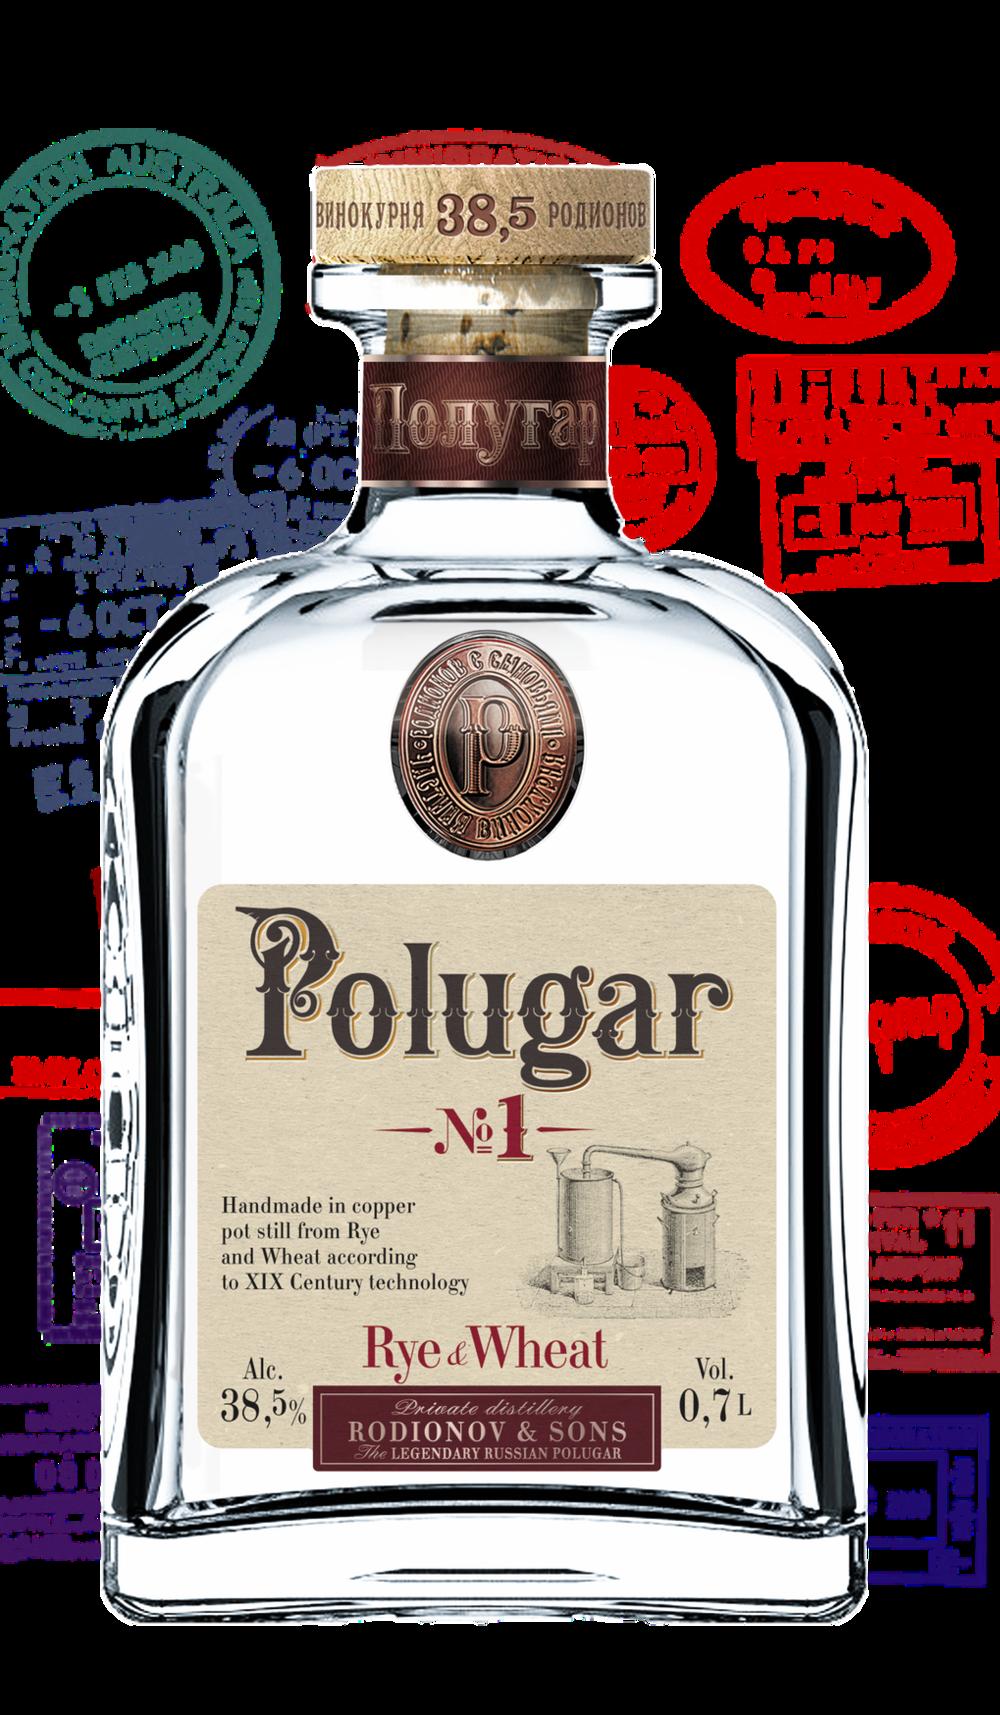 Polugar No.1 Rye &Wheat 38,5 %    Klicke auf das Bild für mehr Infos!